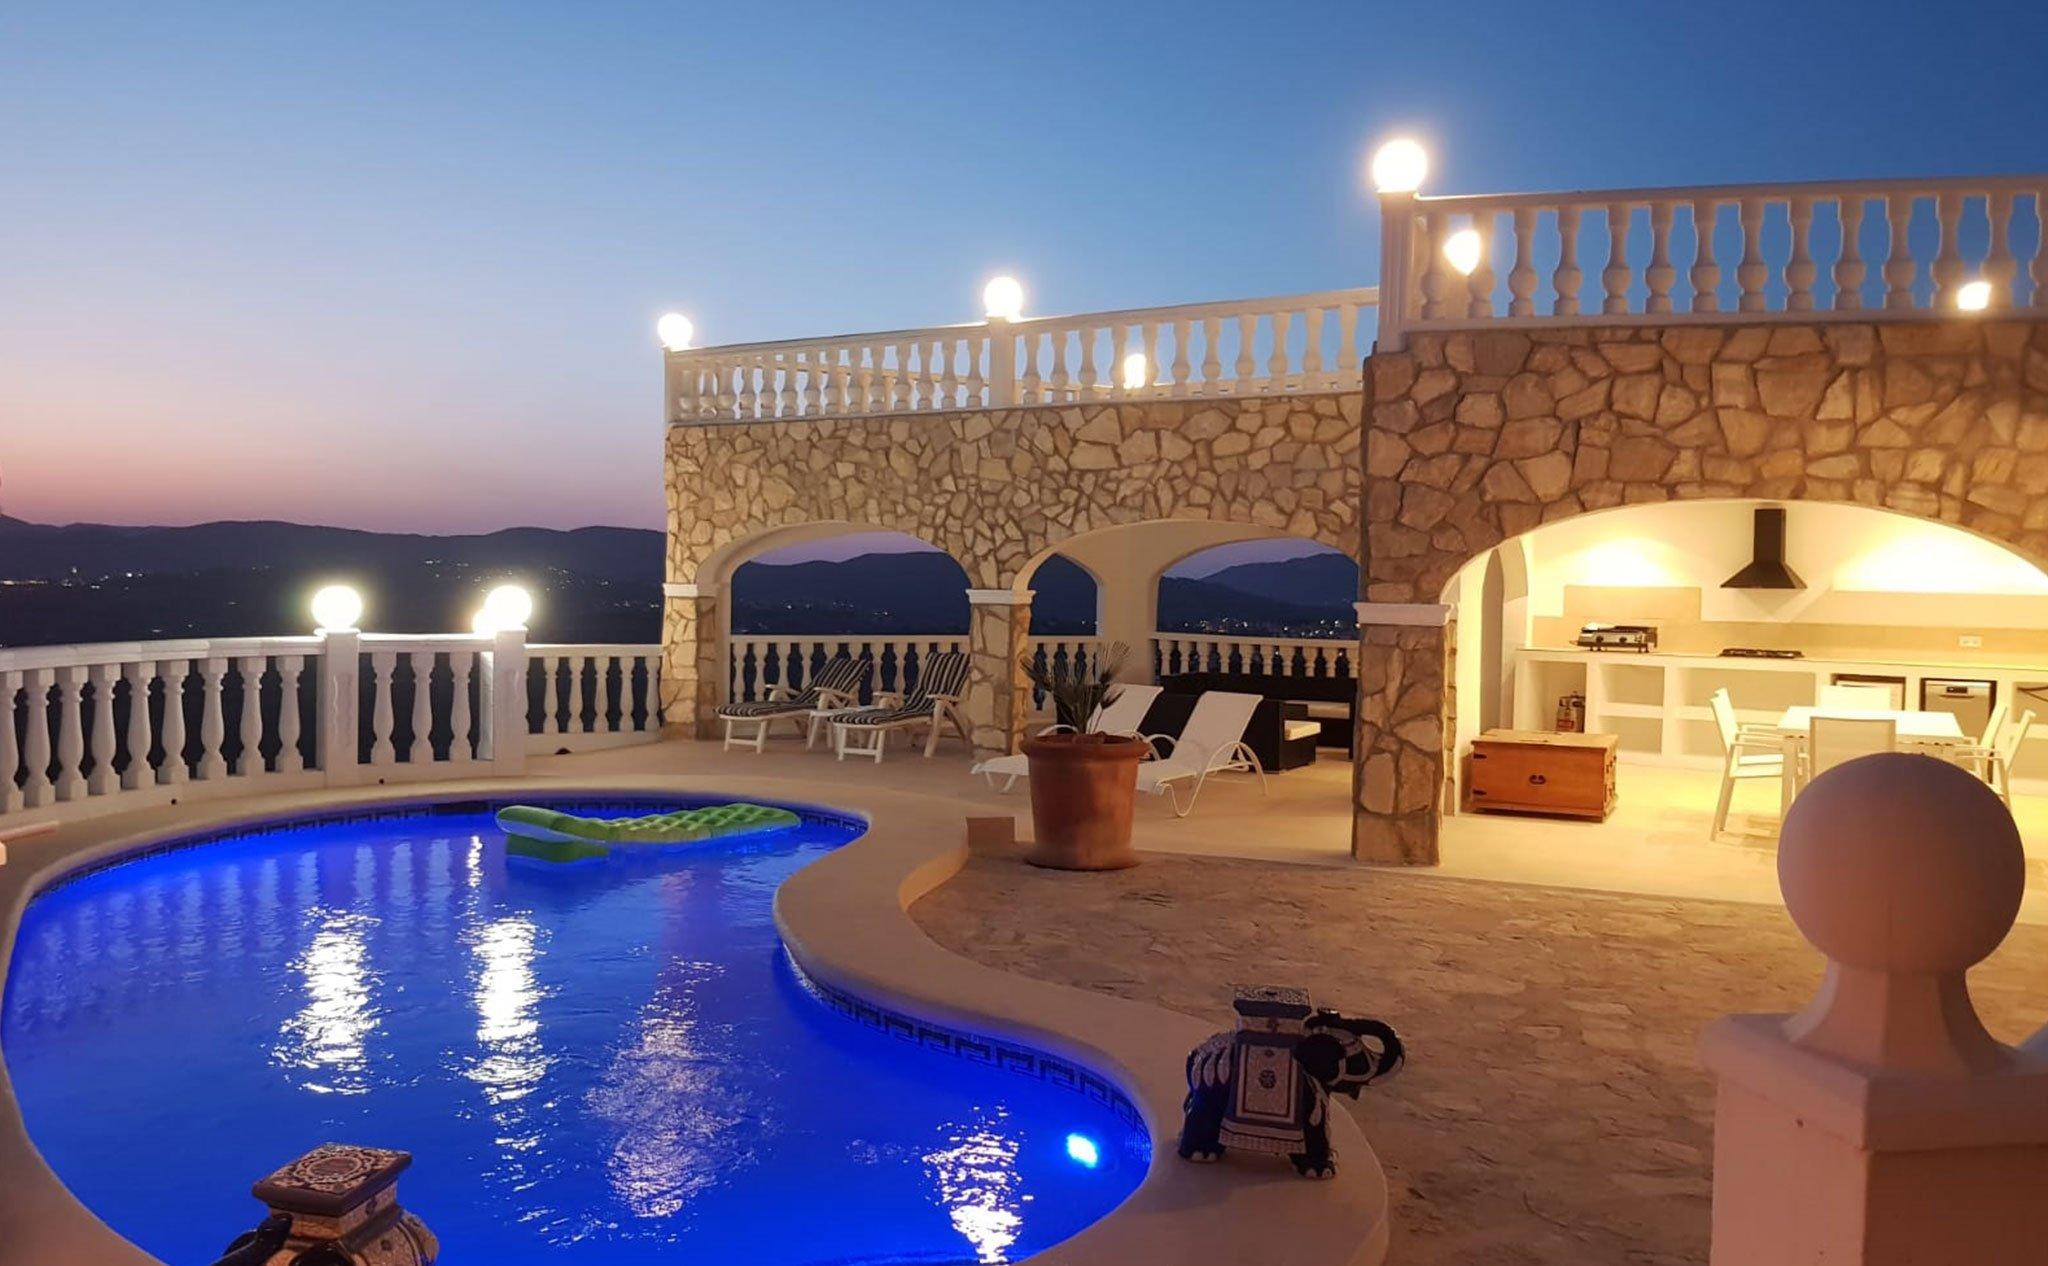 Vista nocturna del exterior de una casa de vacaciones en Benitatxell – Aguila Rent a Villa